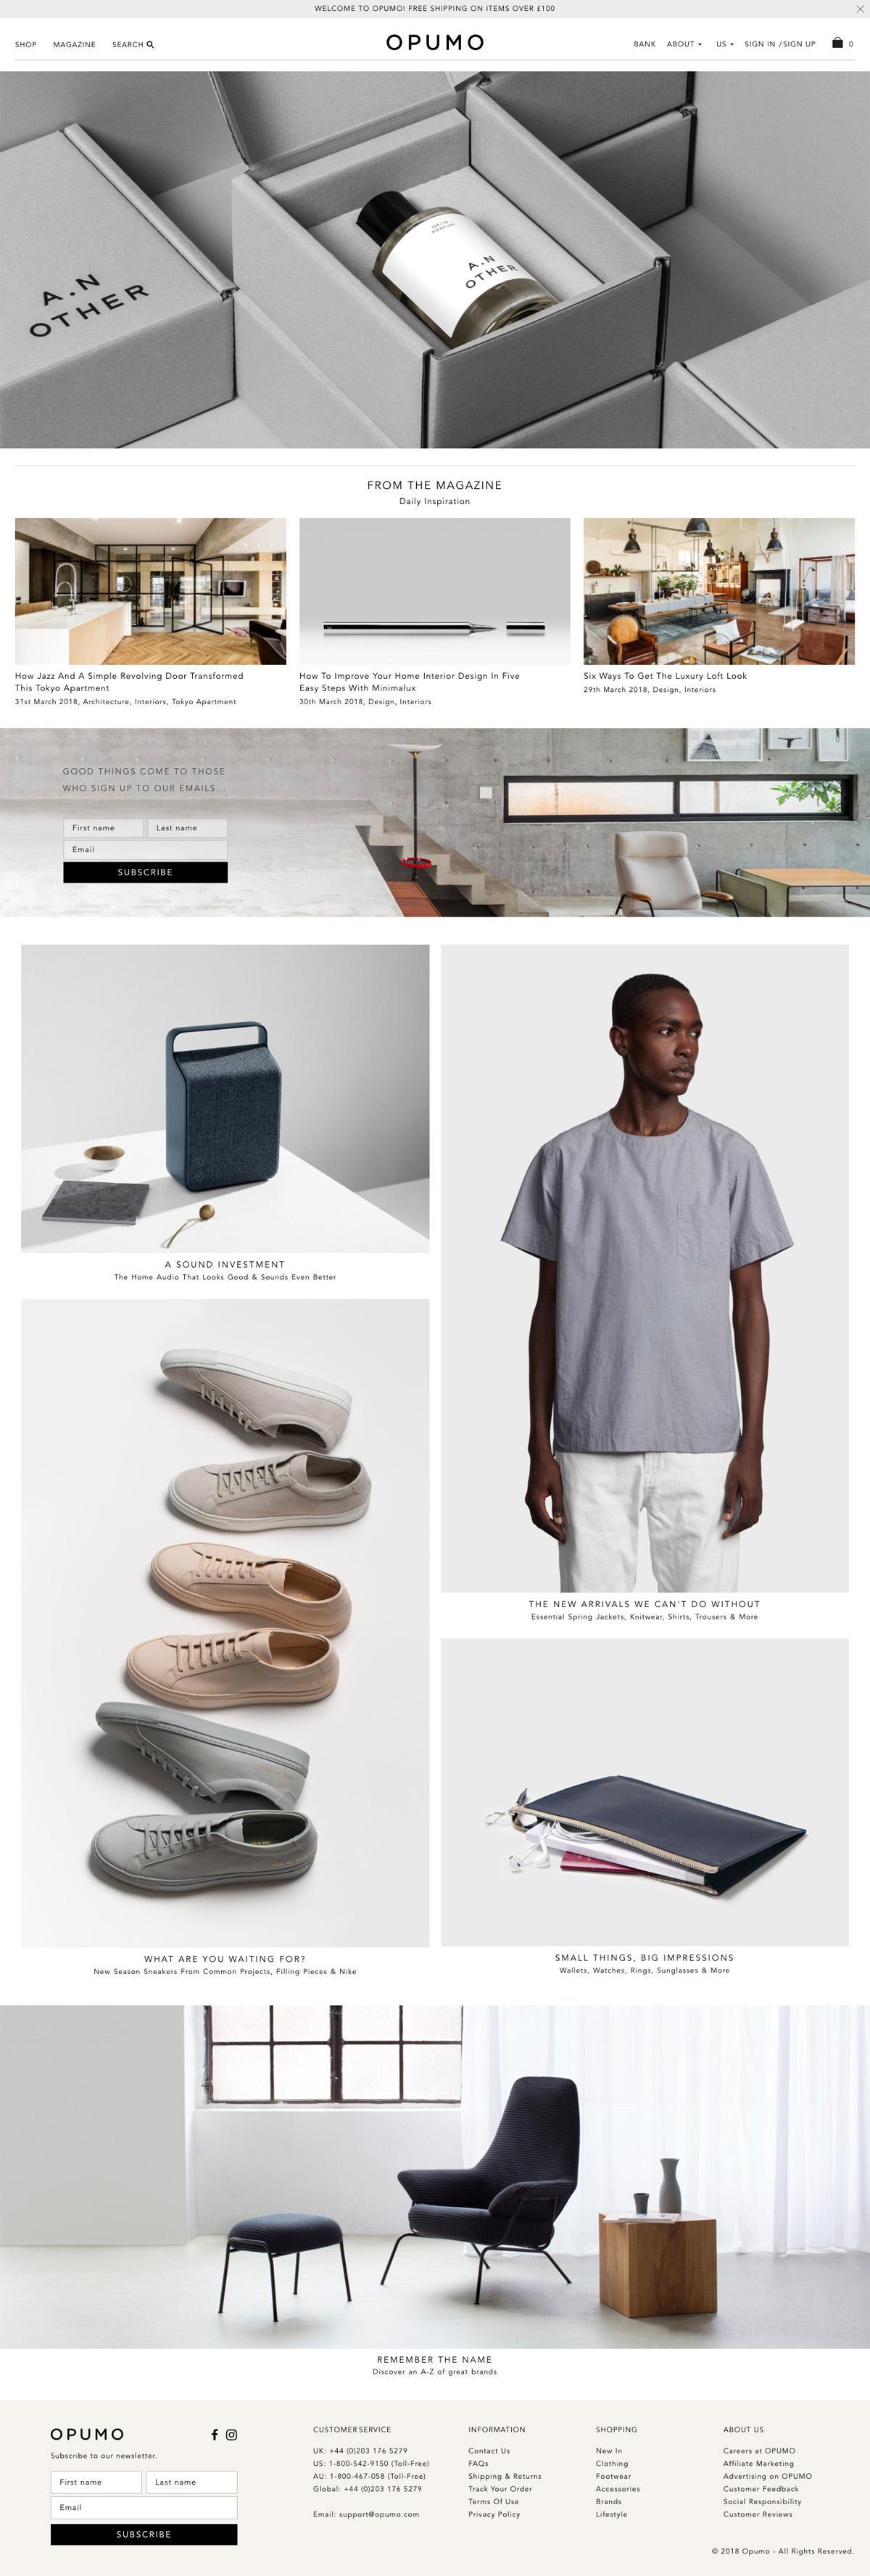 eCommerce website: OPUMO